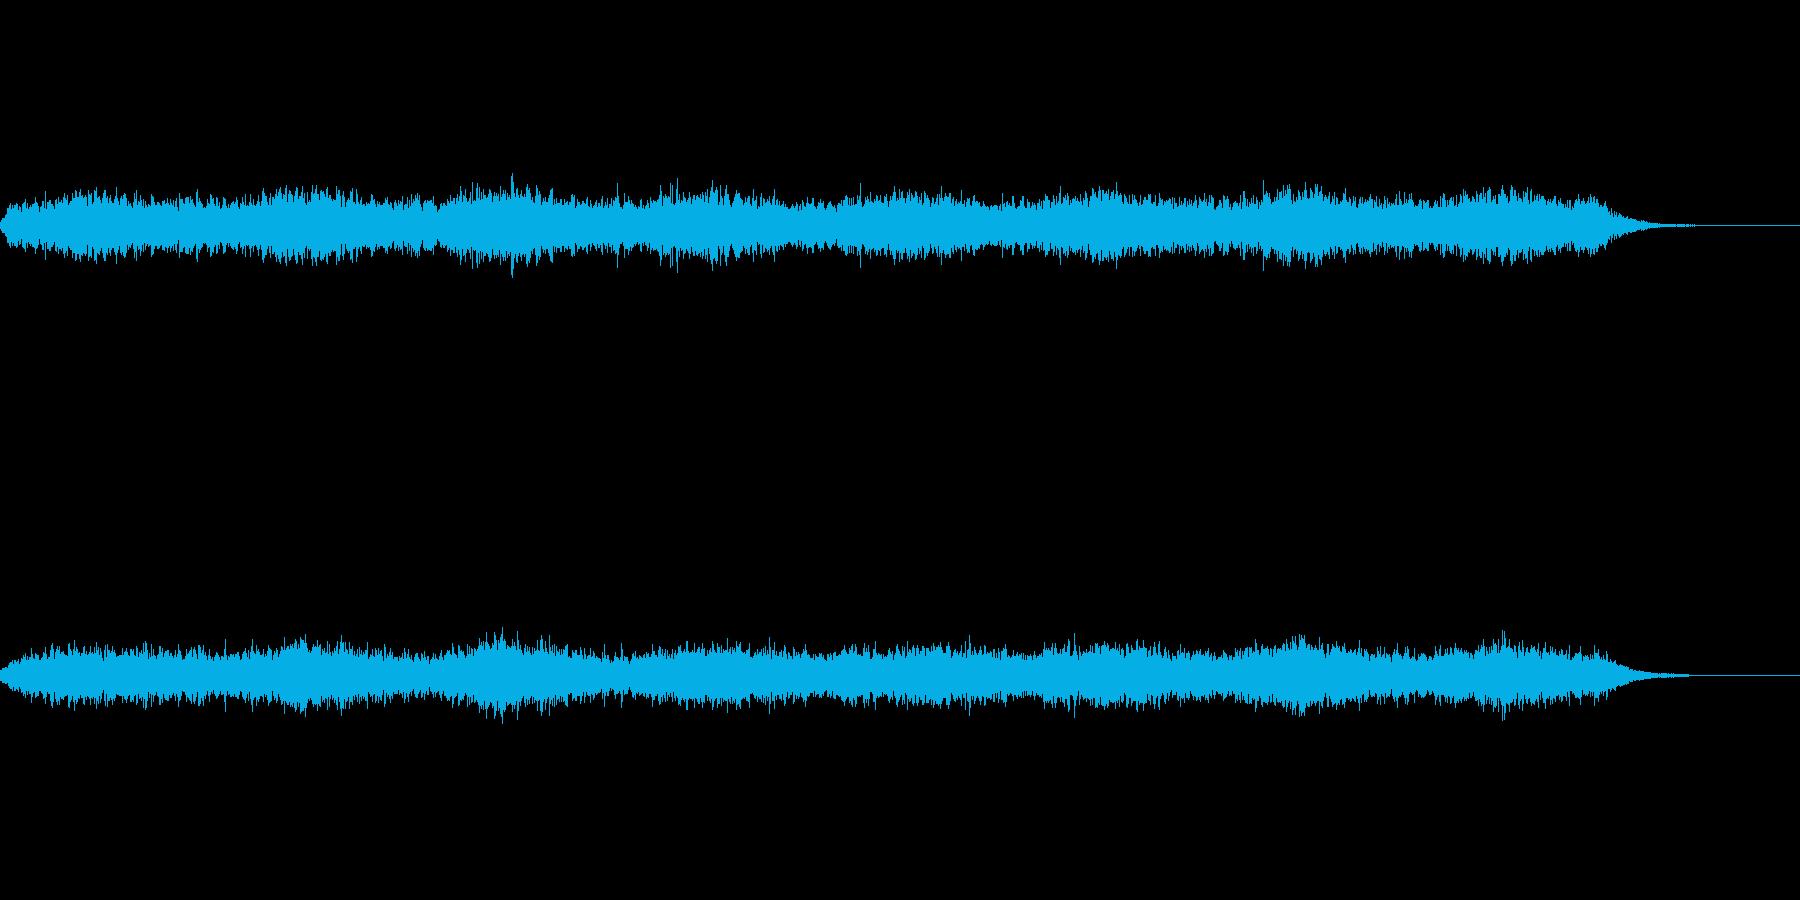 無限に上昇するように聞こえる効果音の再生済みの波形